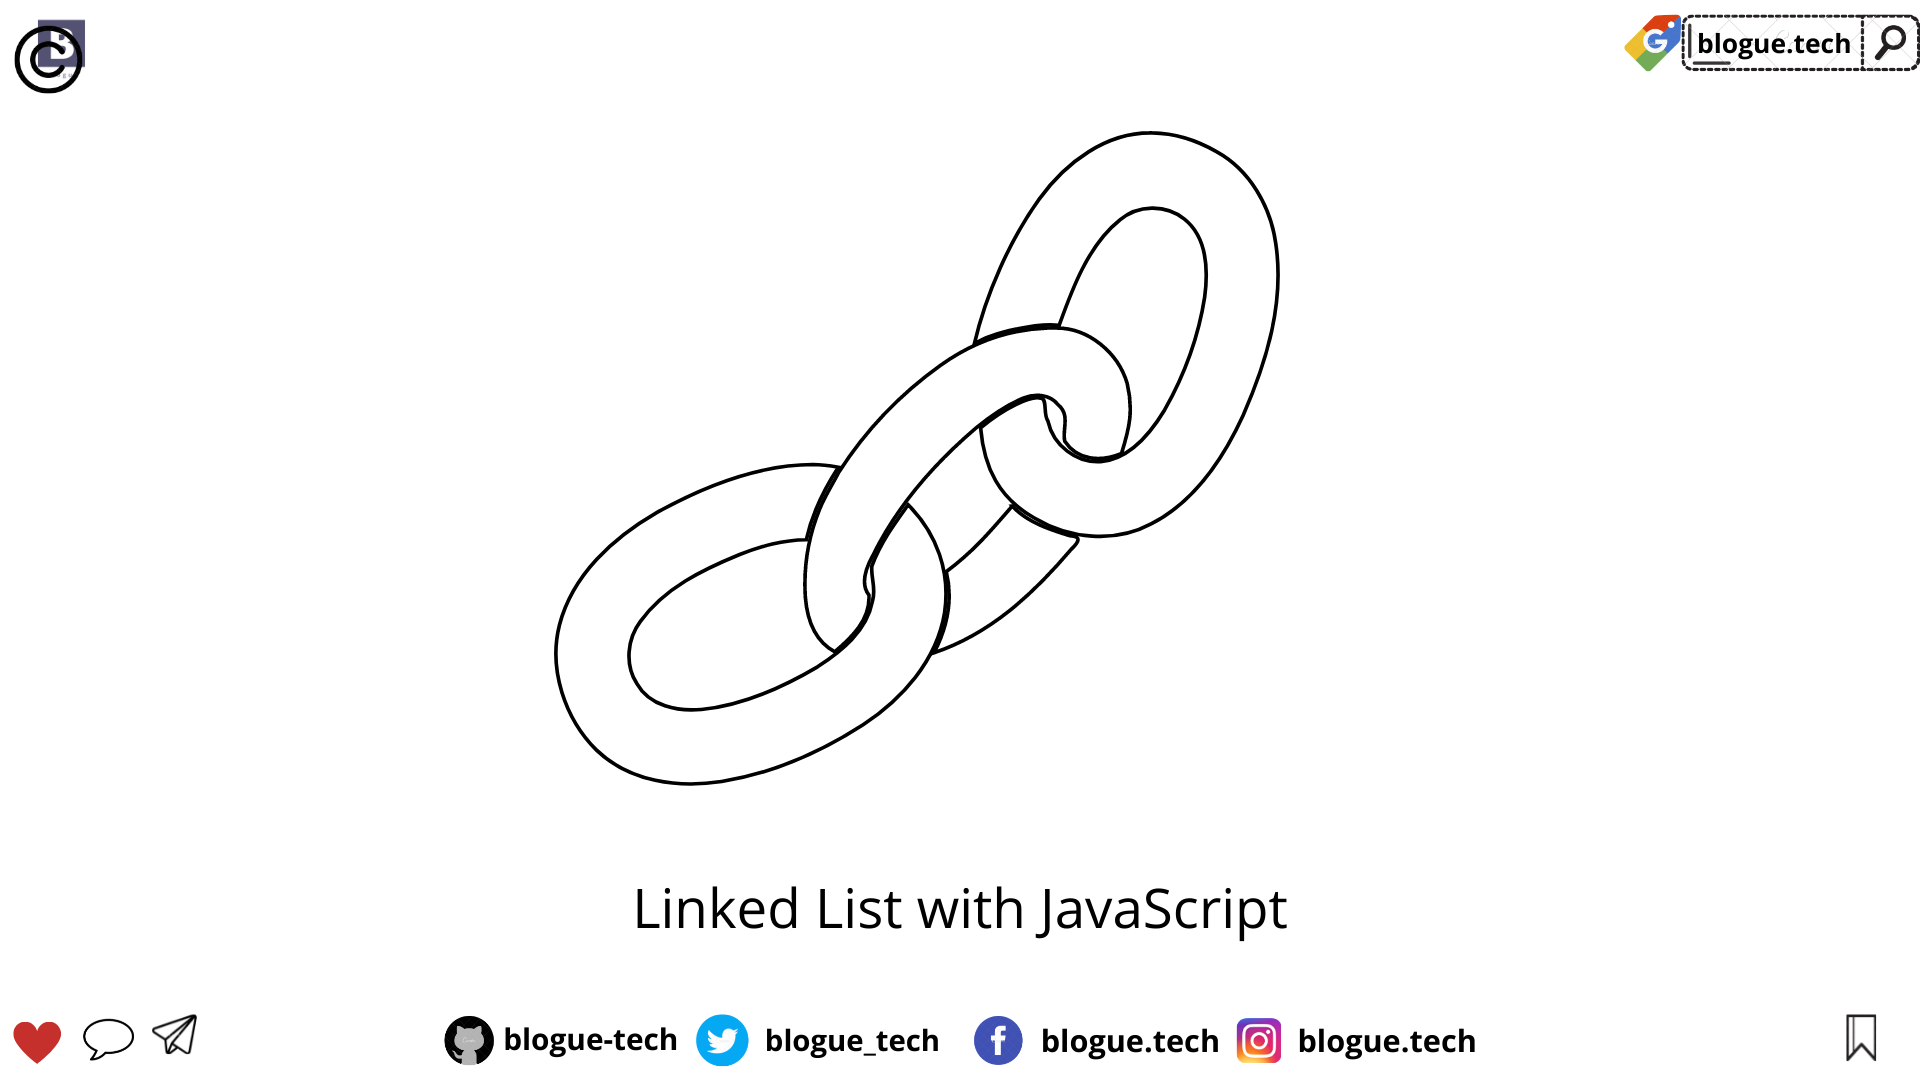 Linked List with JavaScript